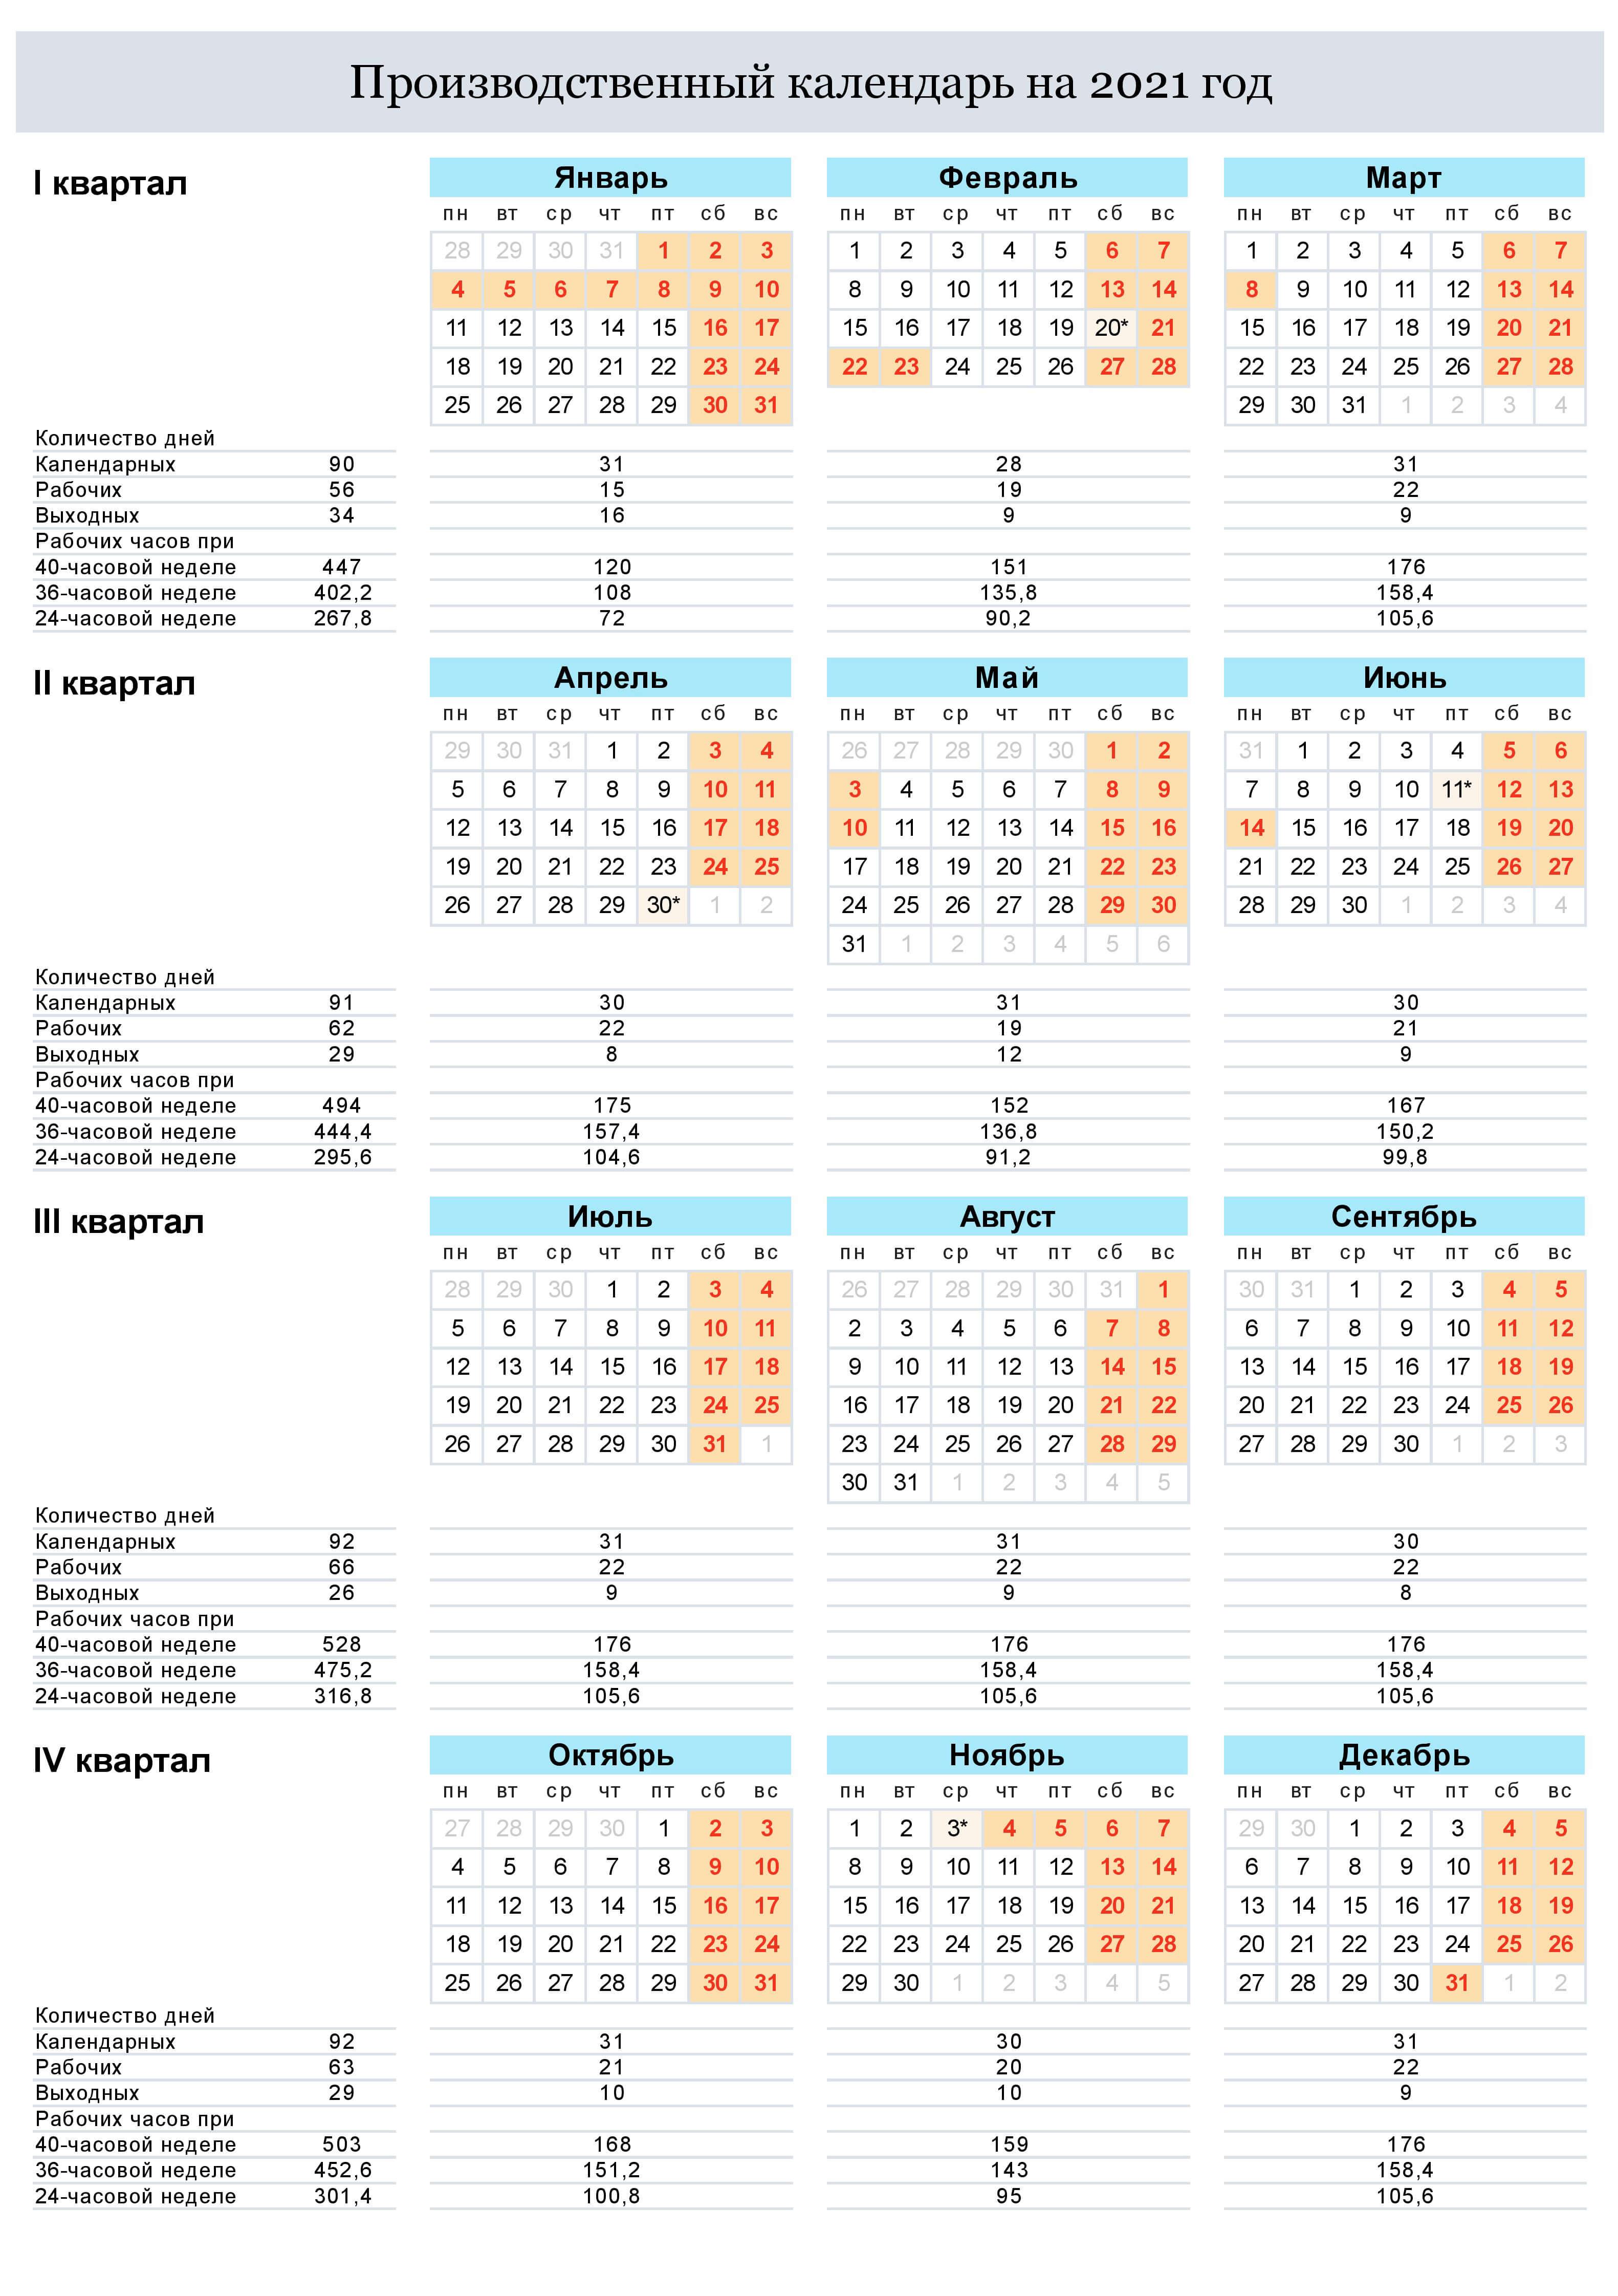 Россия – Производственный календарь на 2021 год (вертикальный)